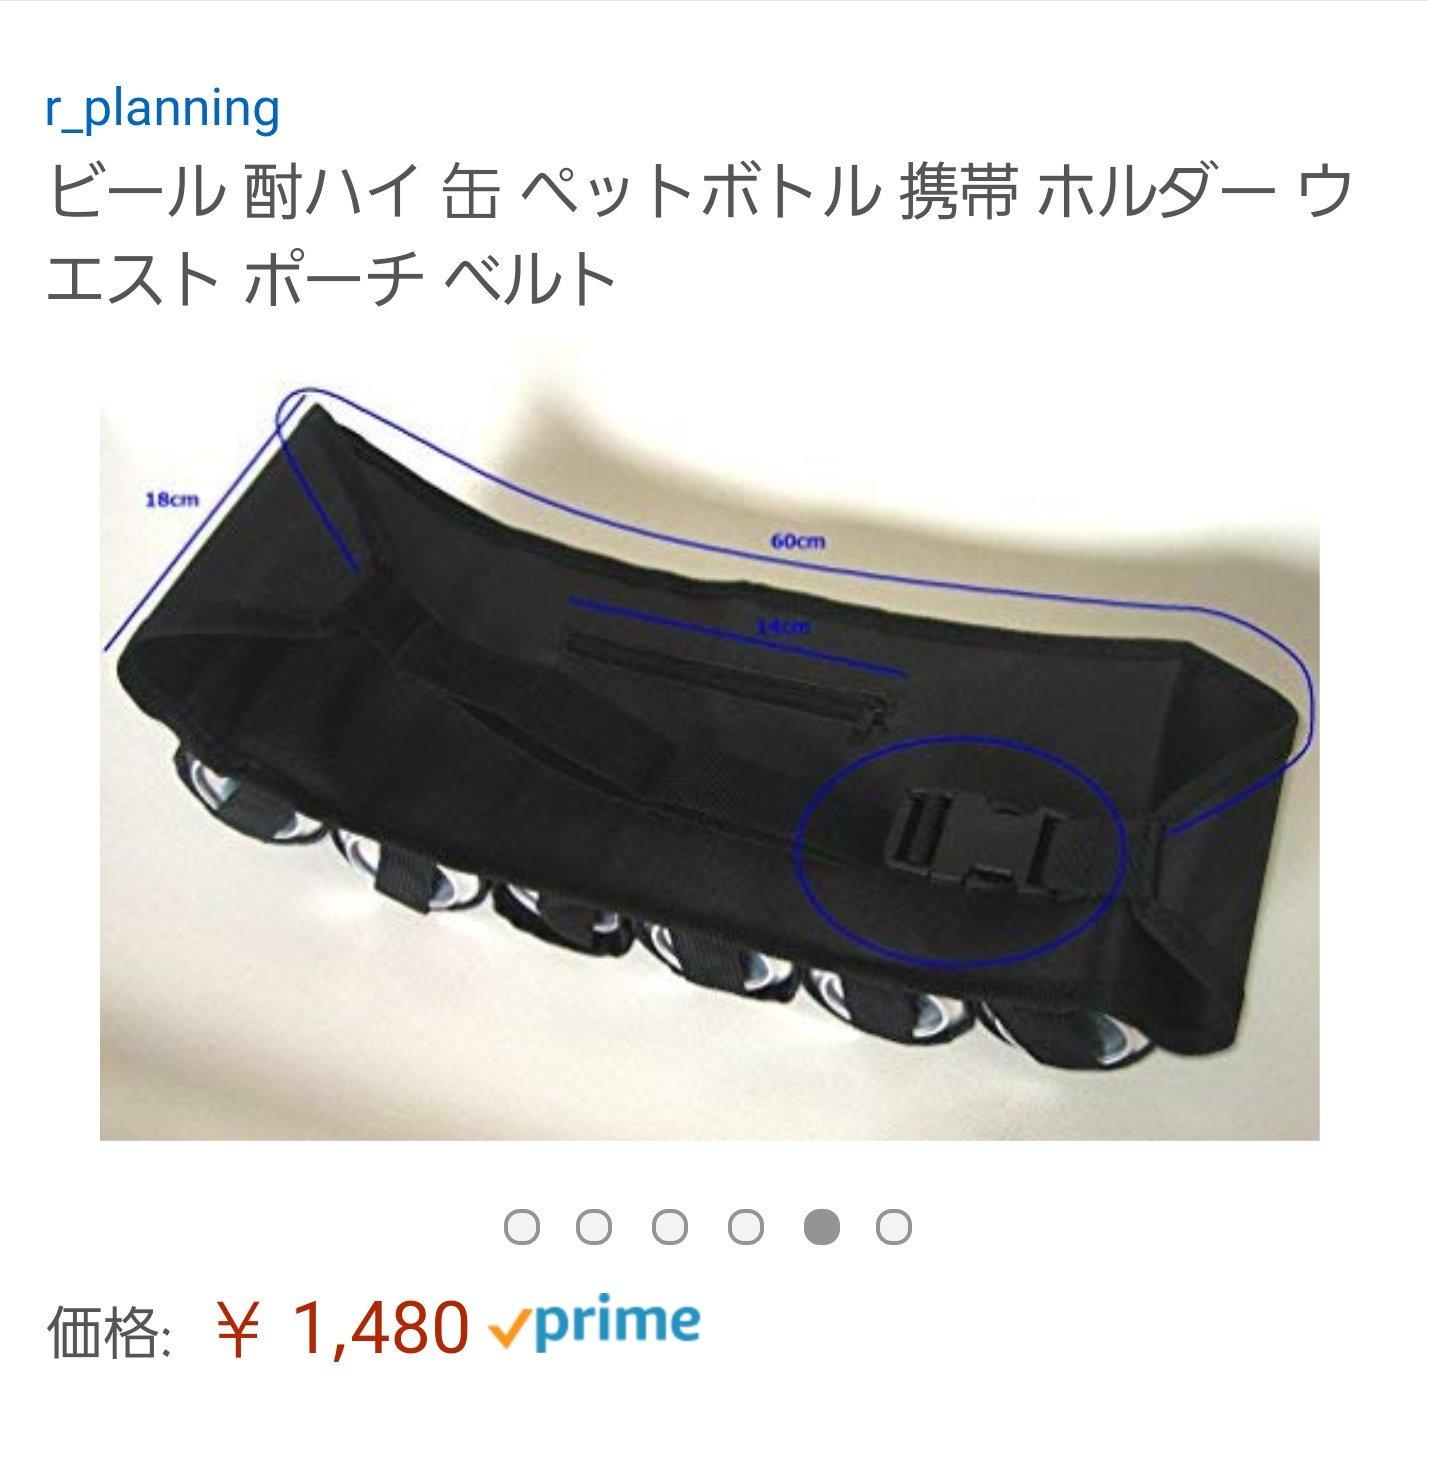 この商品、正気か?買ったけど。 https://t.co/pcXmvWfRFe